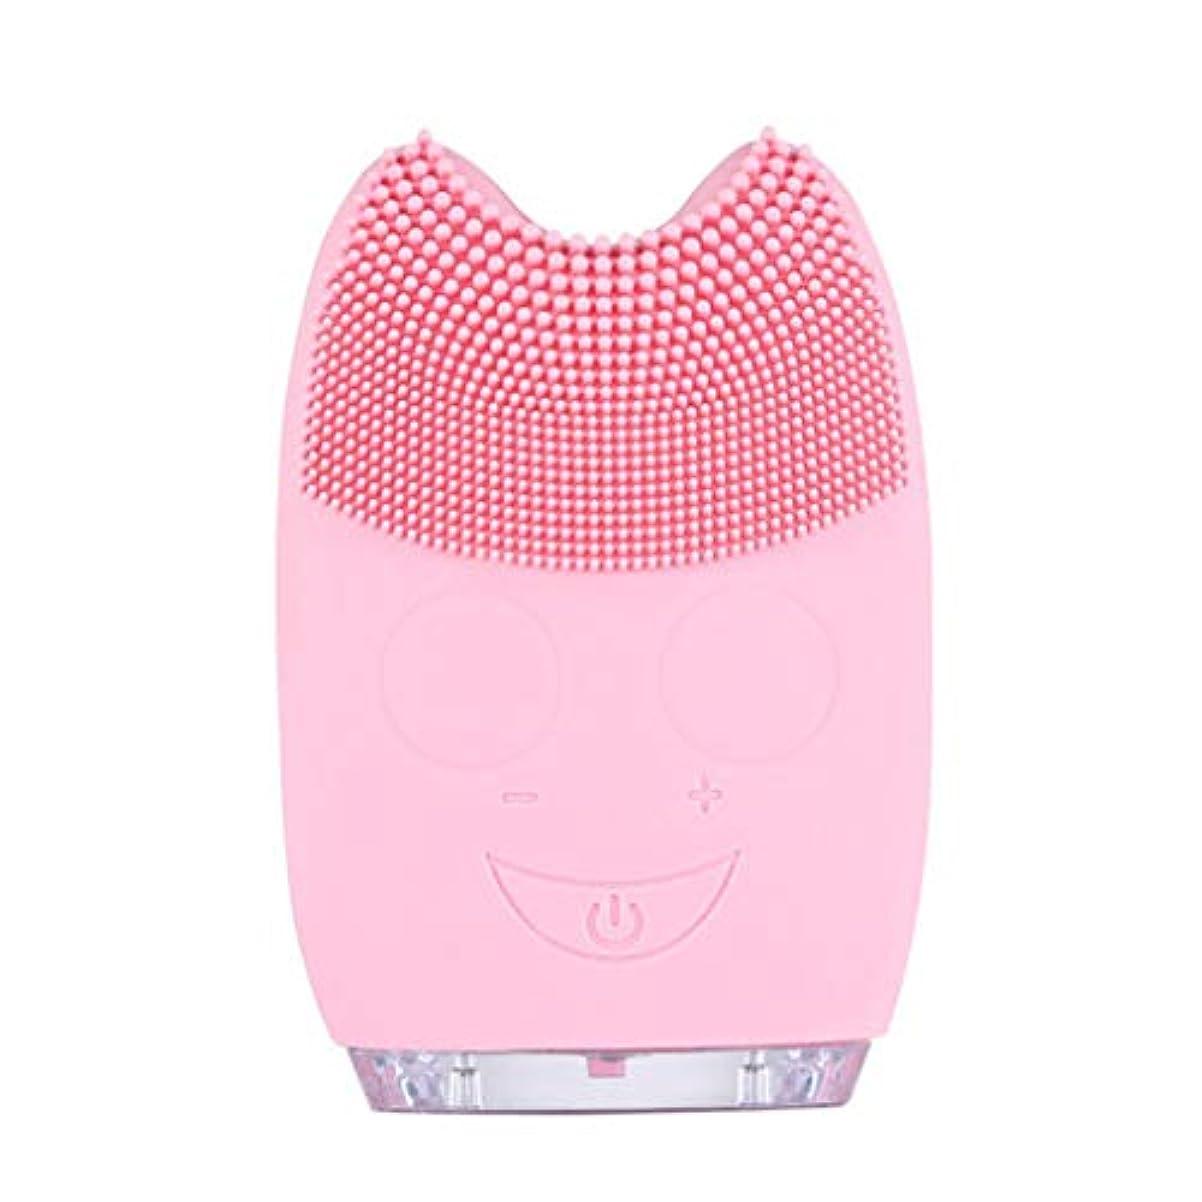 ブレークる透過性Qi フェイシャルクレンザーブラシ、防水ミニ電動マッサージマシンシリコンフェイシャルクレンジングデバイスツール GQ (色 : Pink)